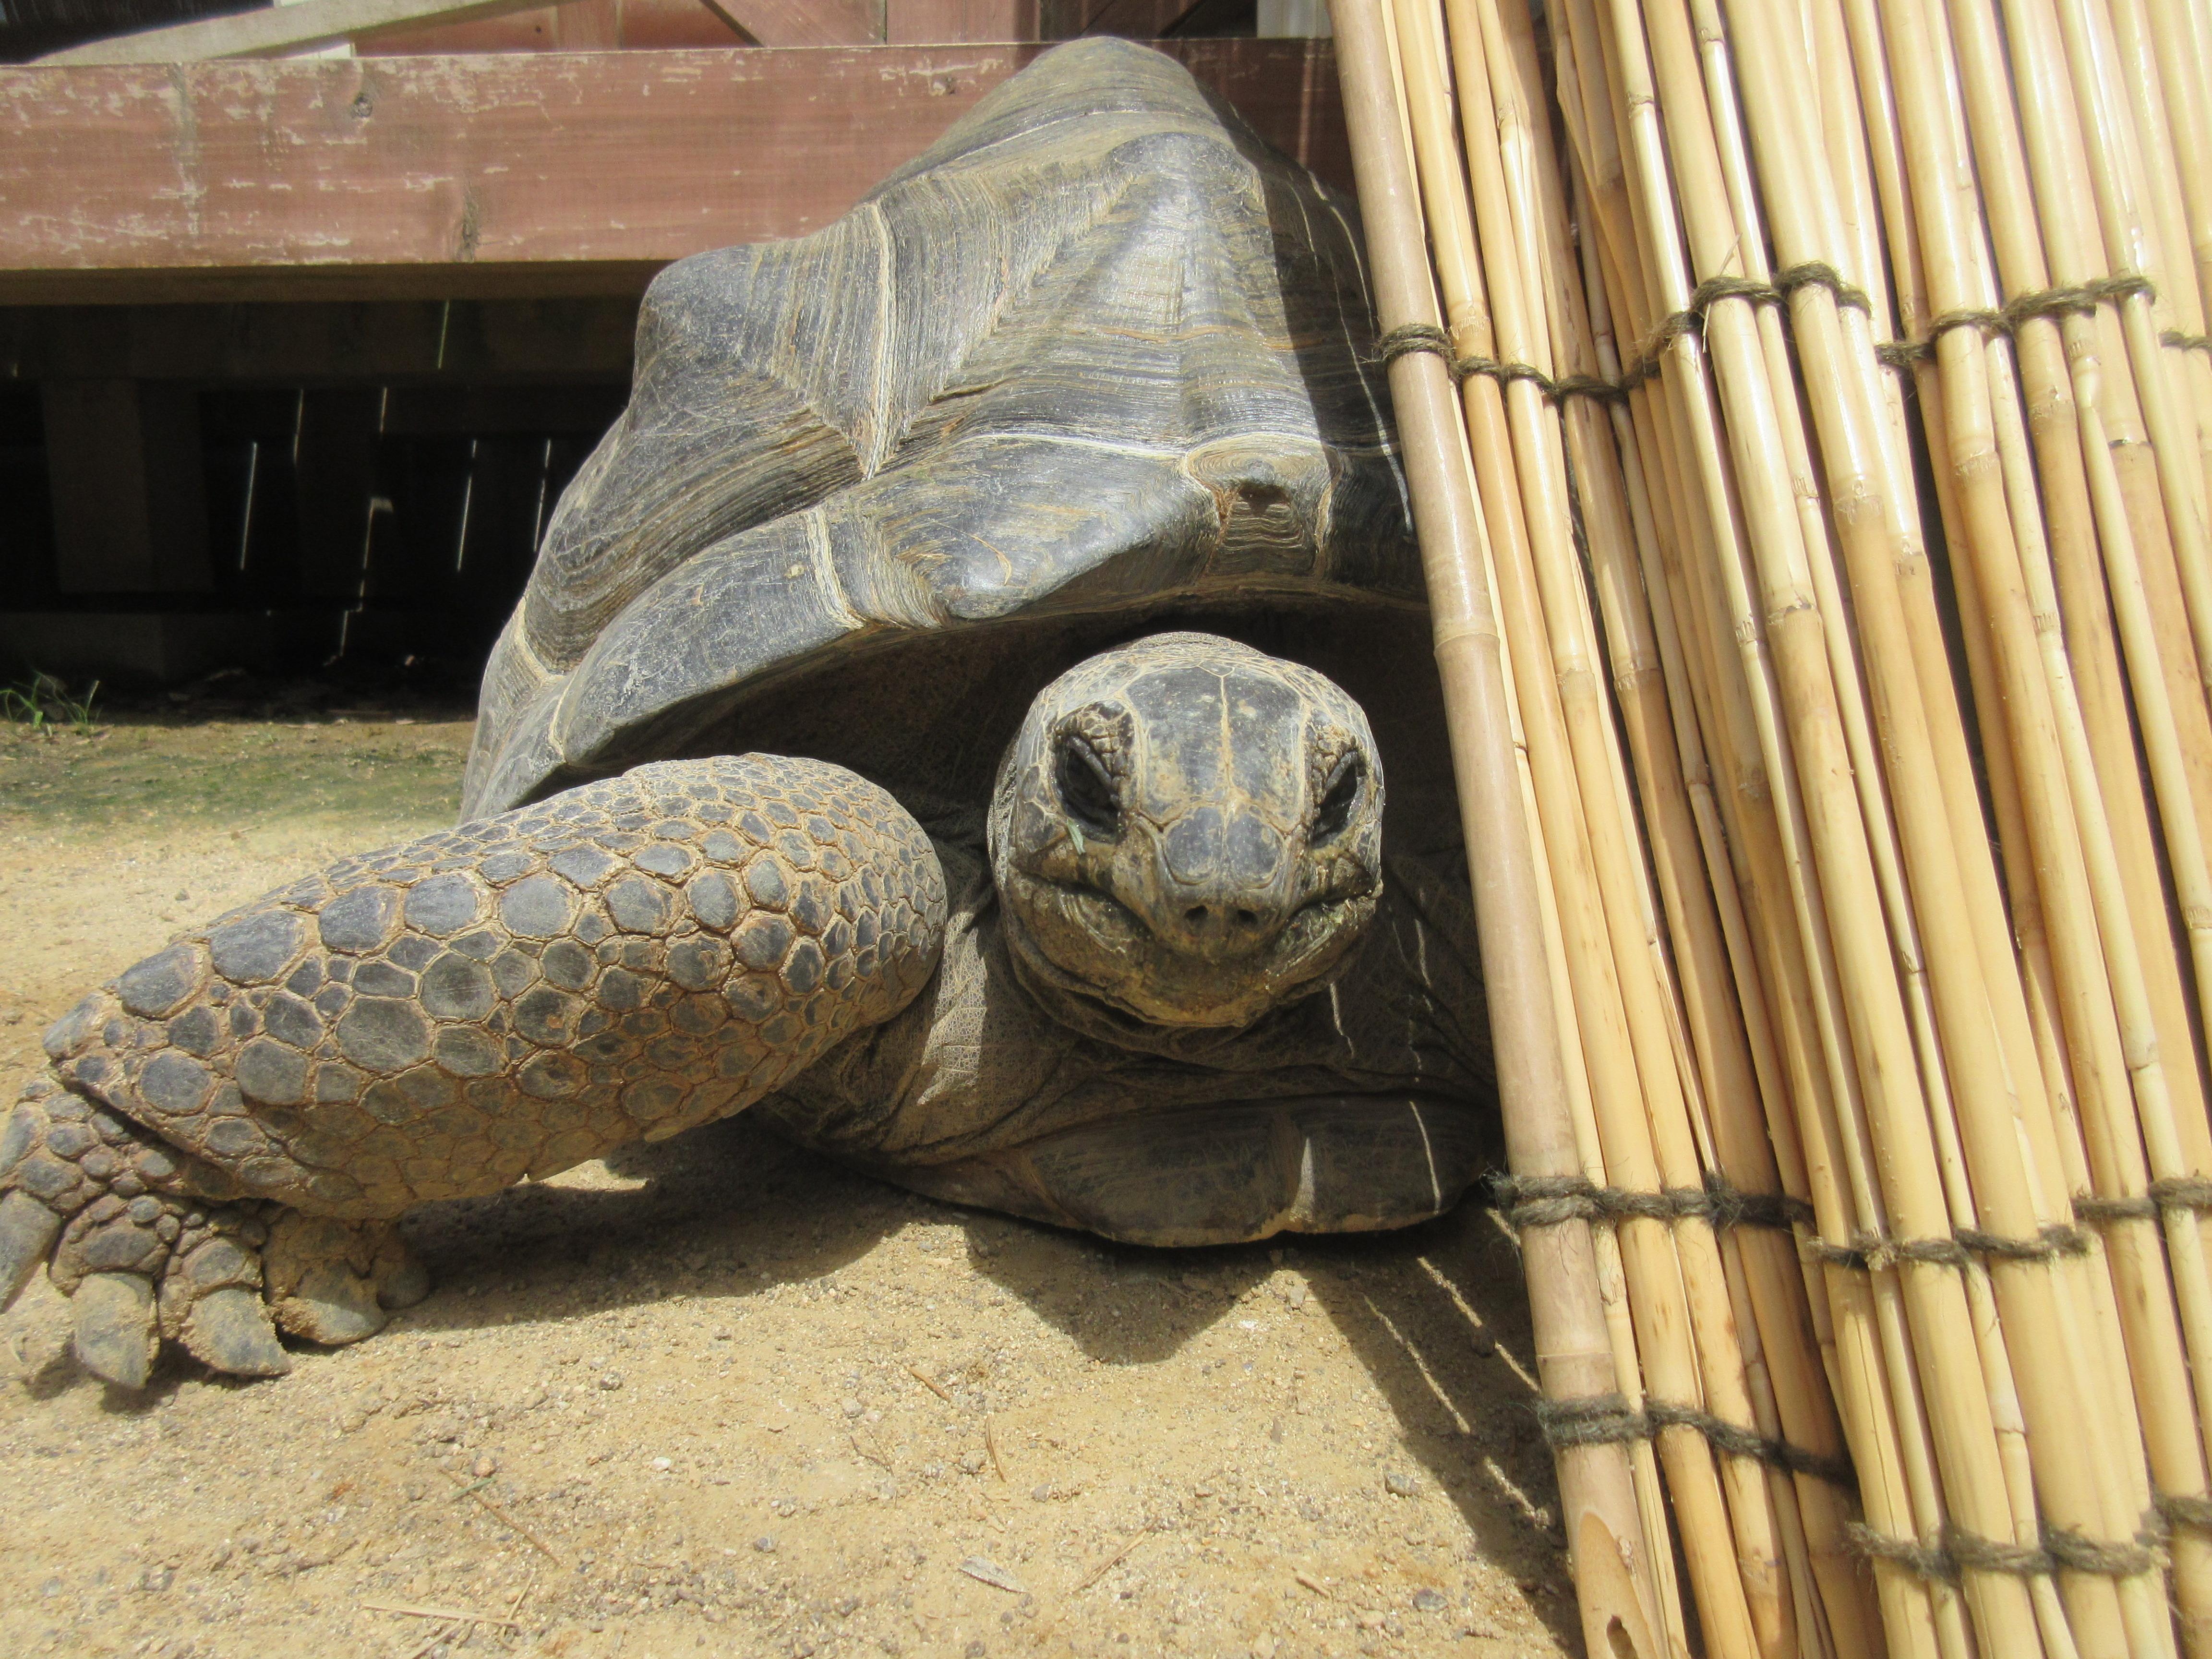 Сбежавшая из зоопарка черепаха две недели преодолела 150 метров